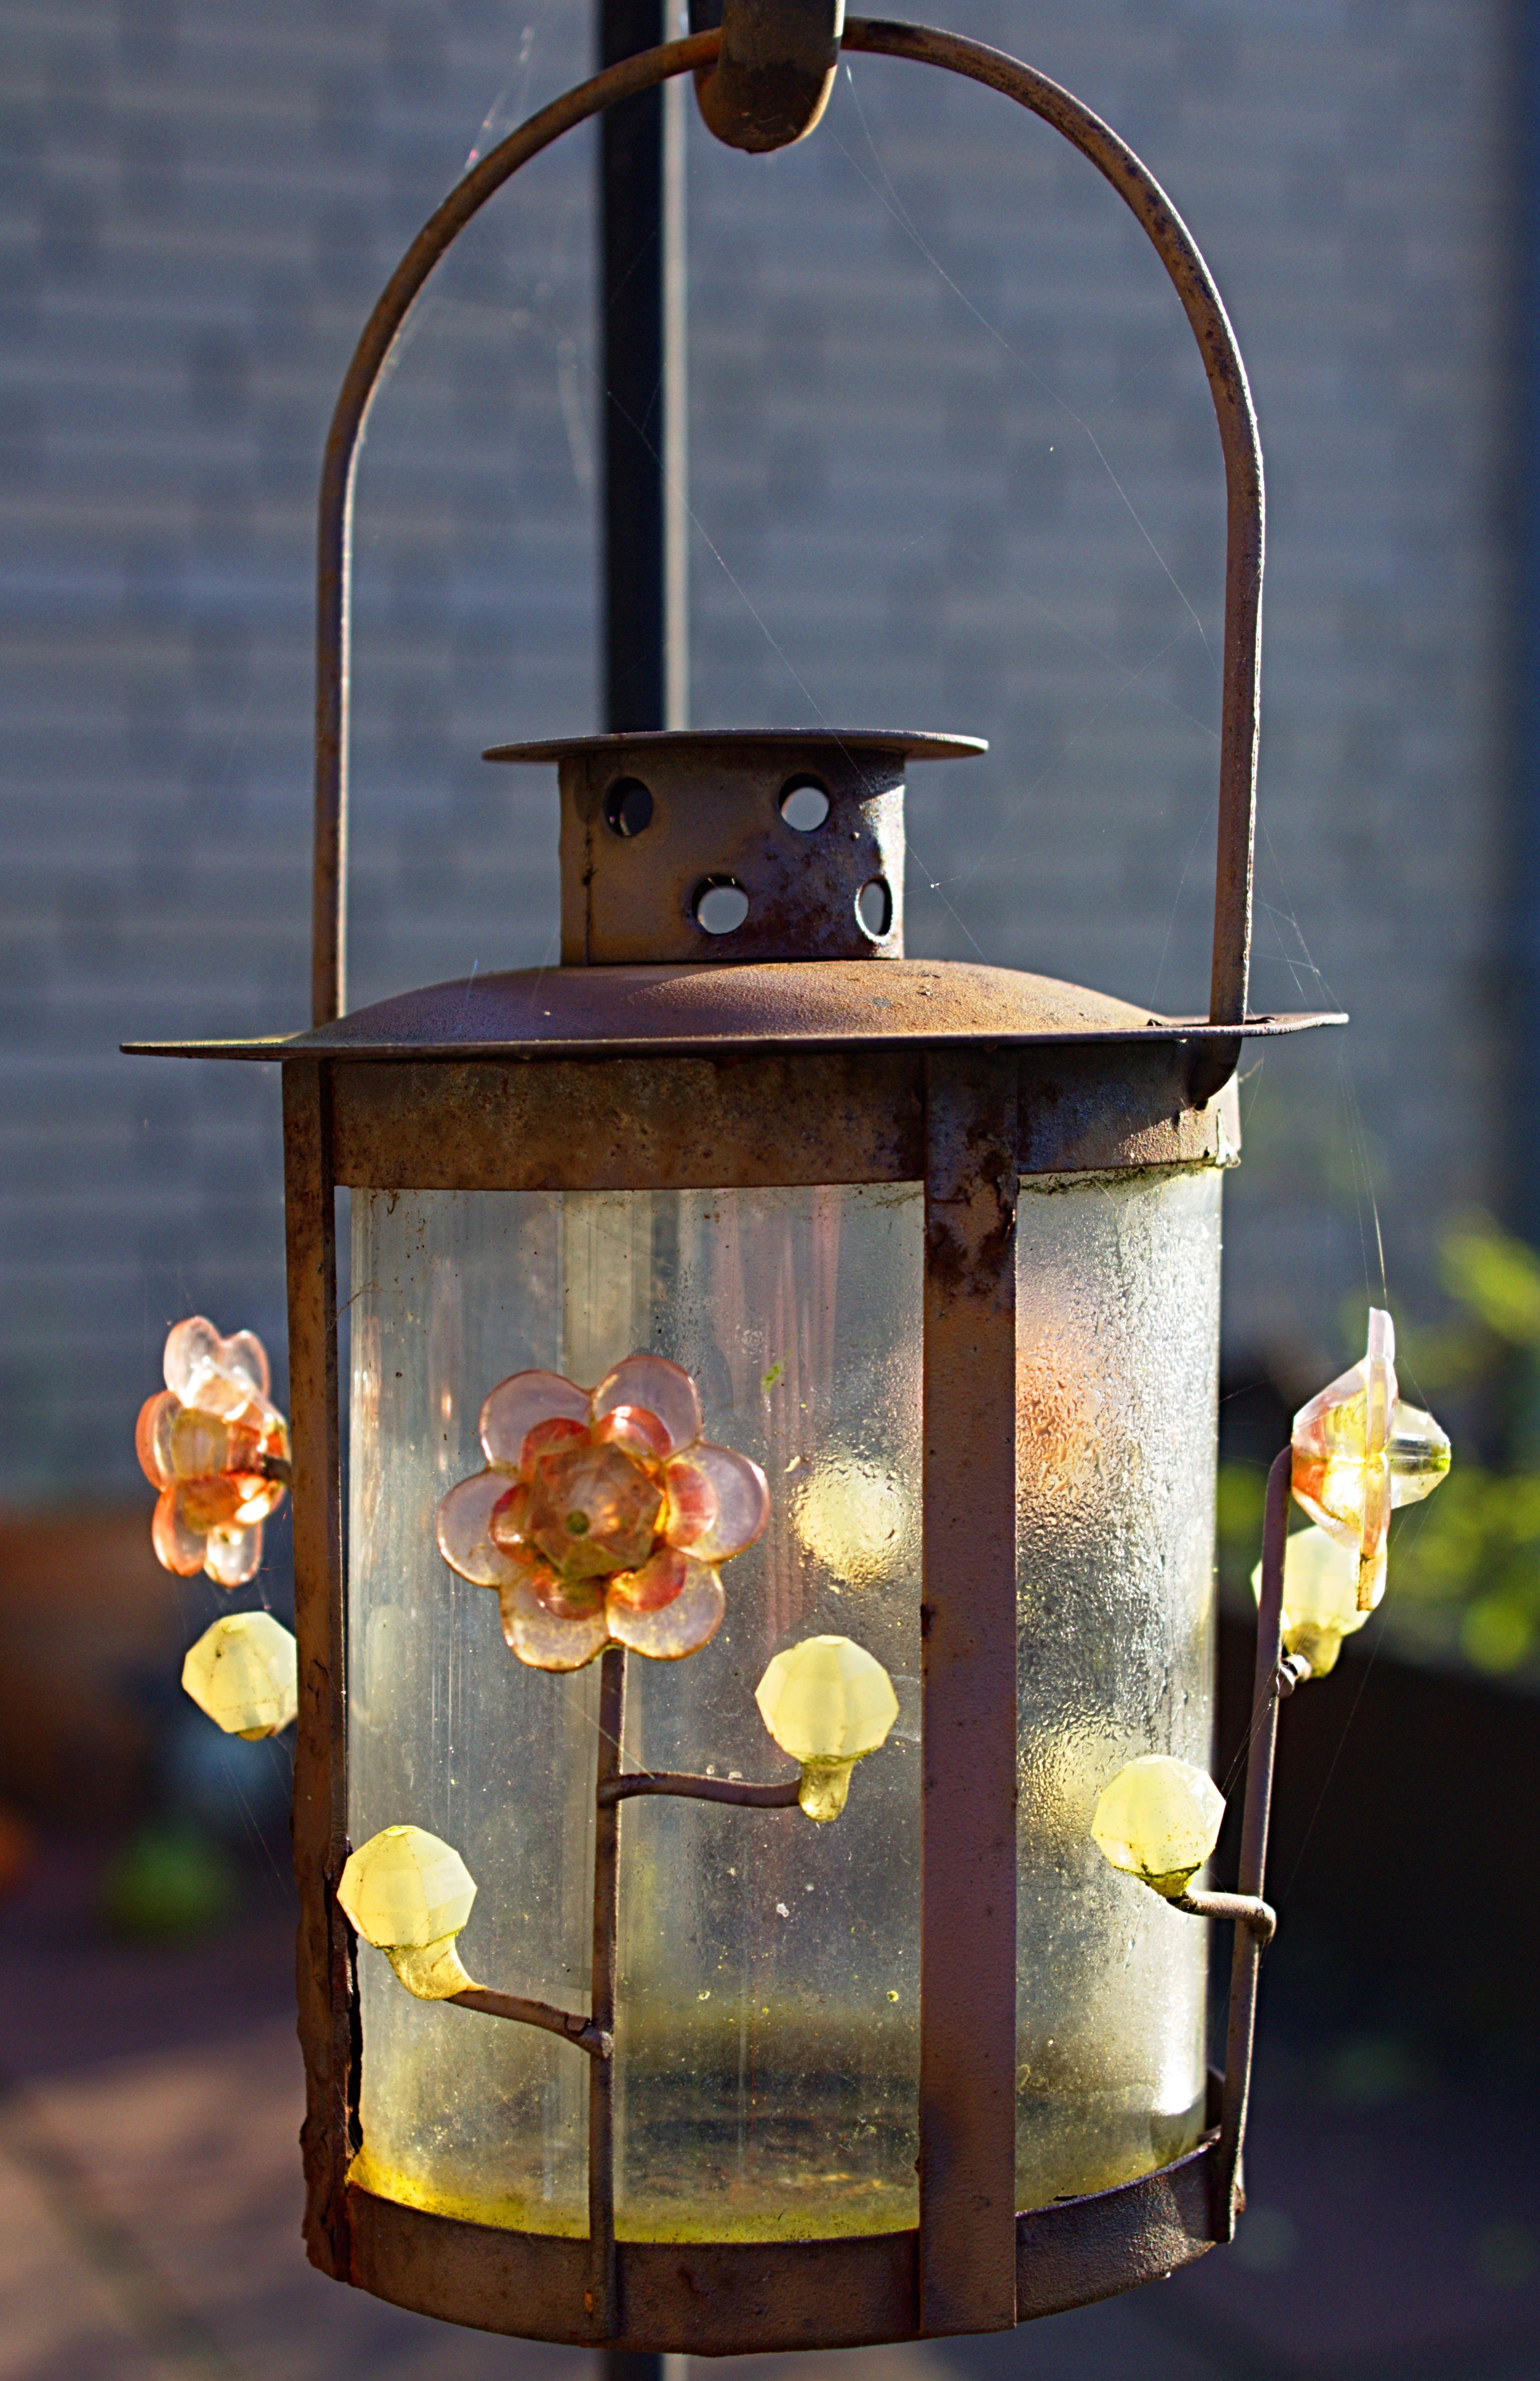 kostenlose foto : draussen, licht, holz, dekoration, laterne, lampe